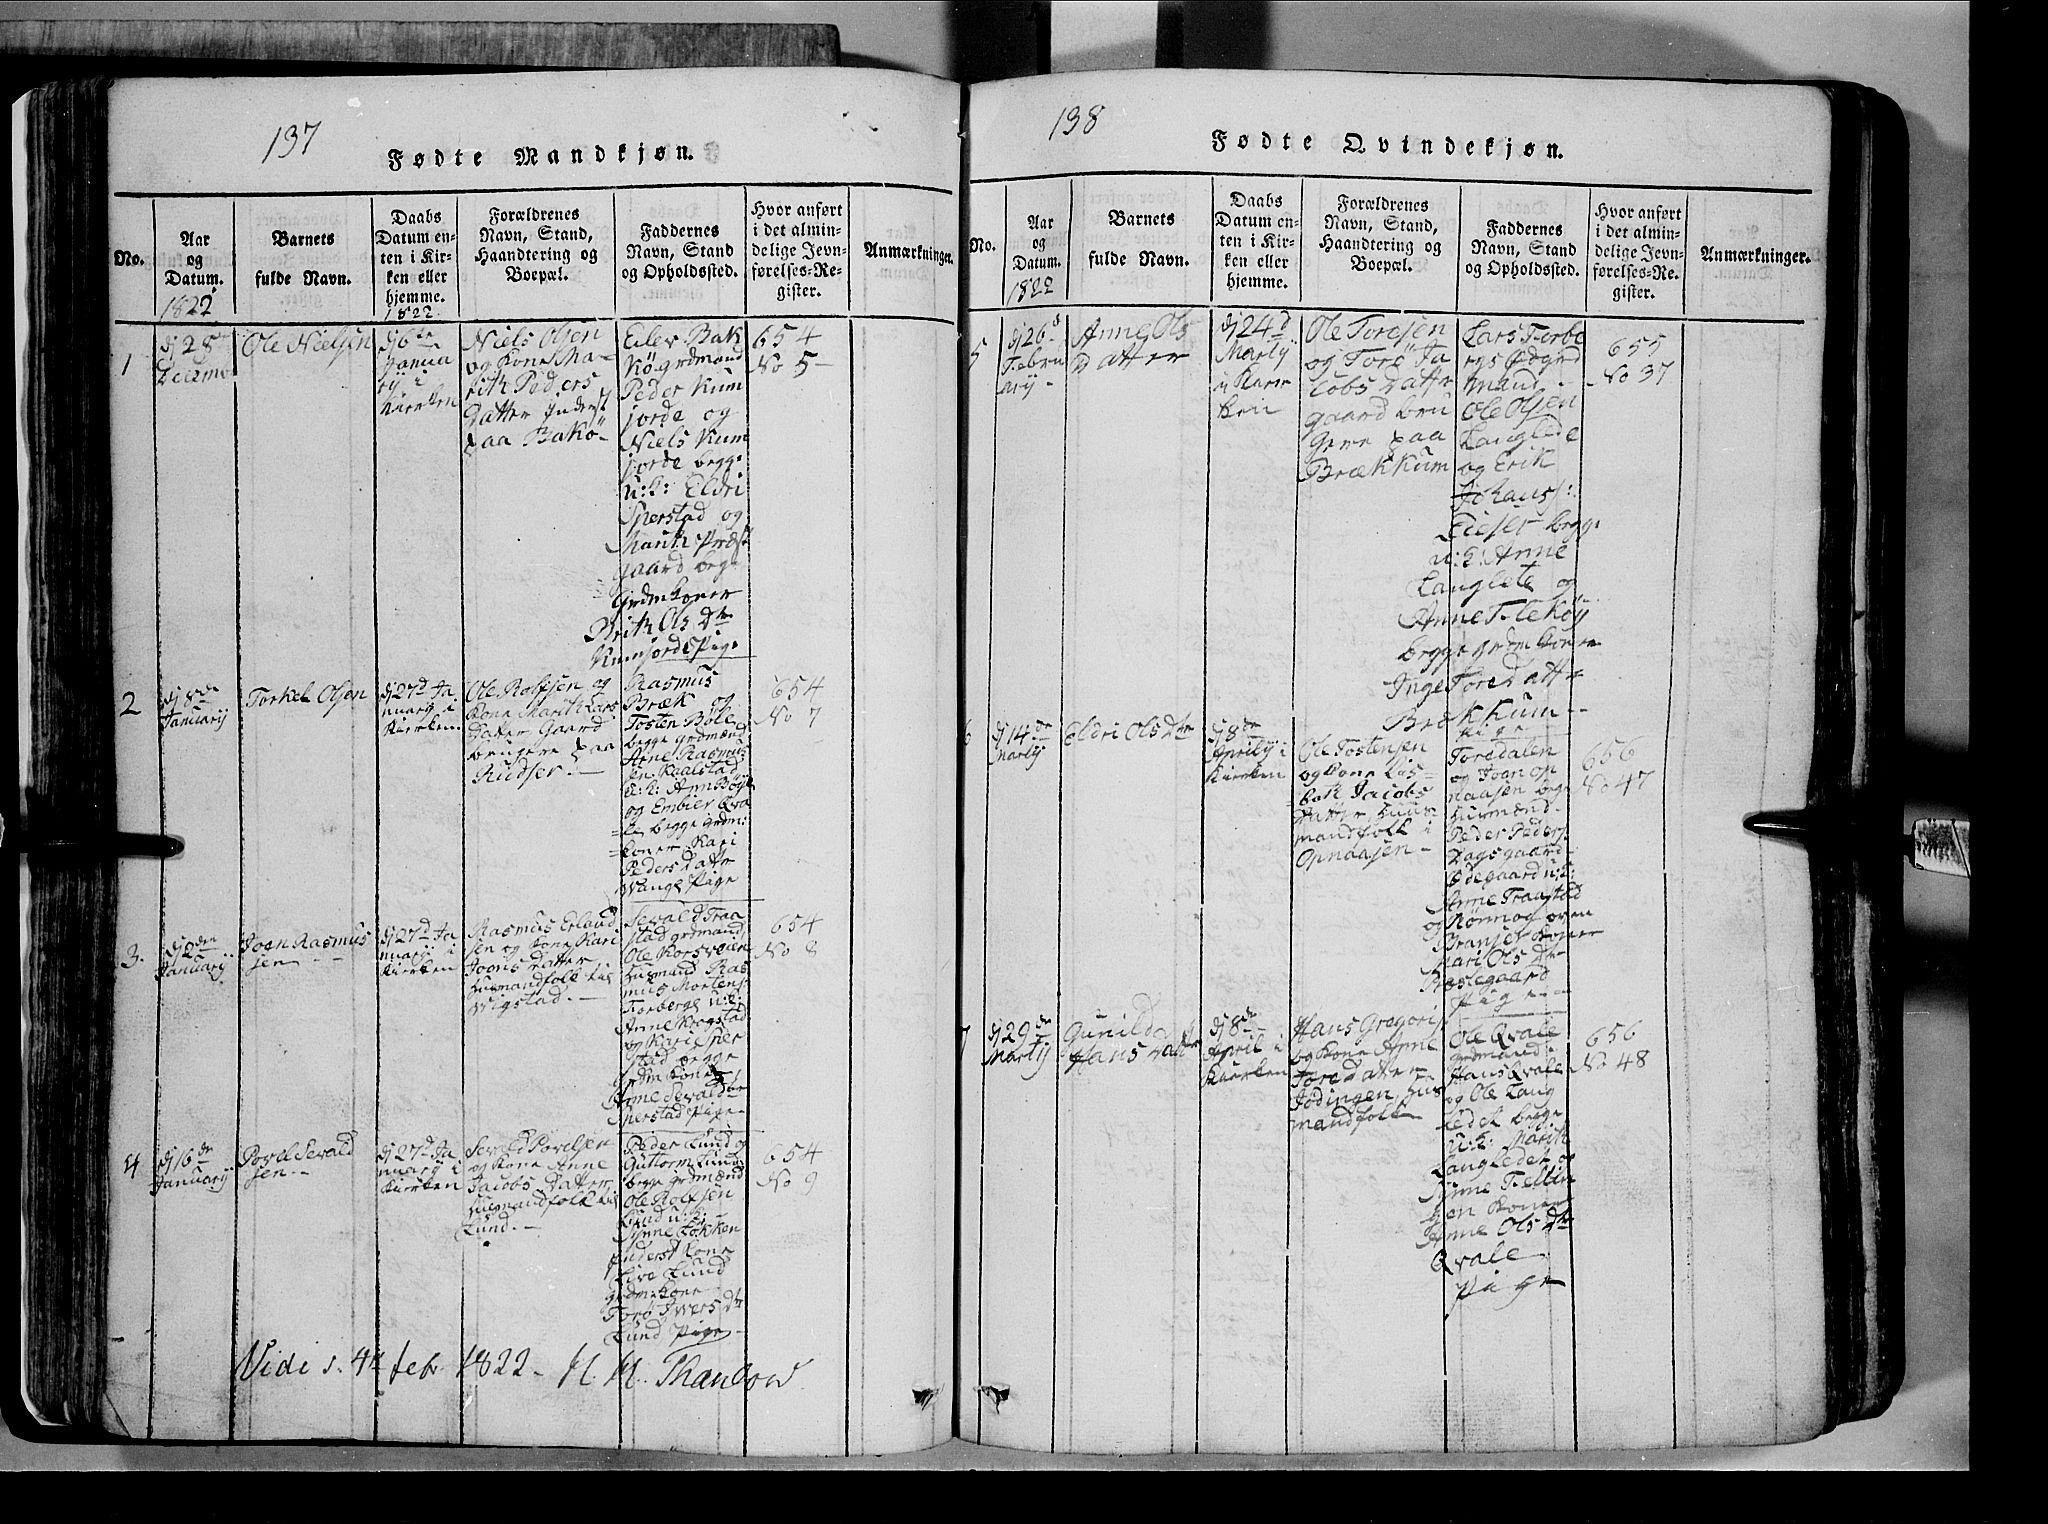 SAH, Lom prestekontor, L/L0003: Klokkerbok nr. 3, 1815-1844, s. 137-138